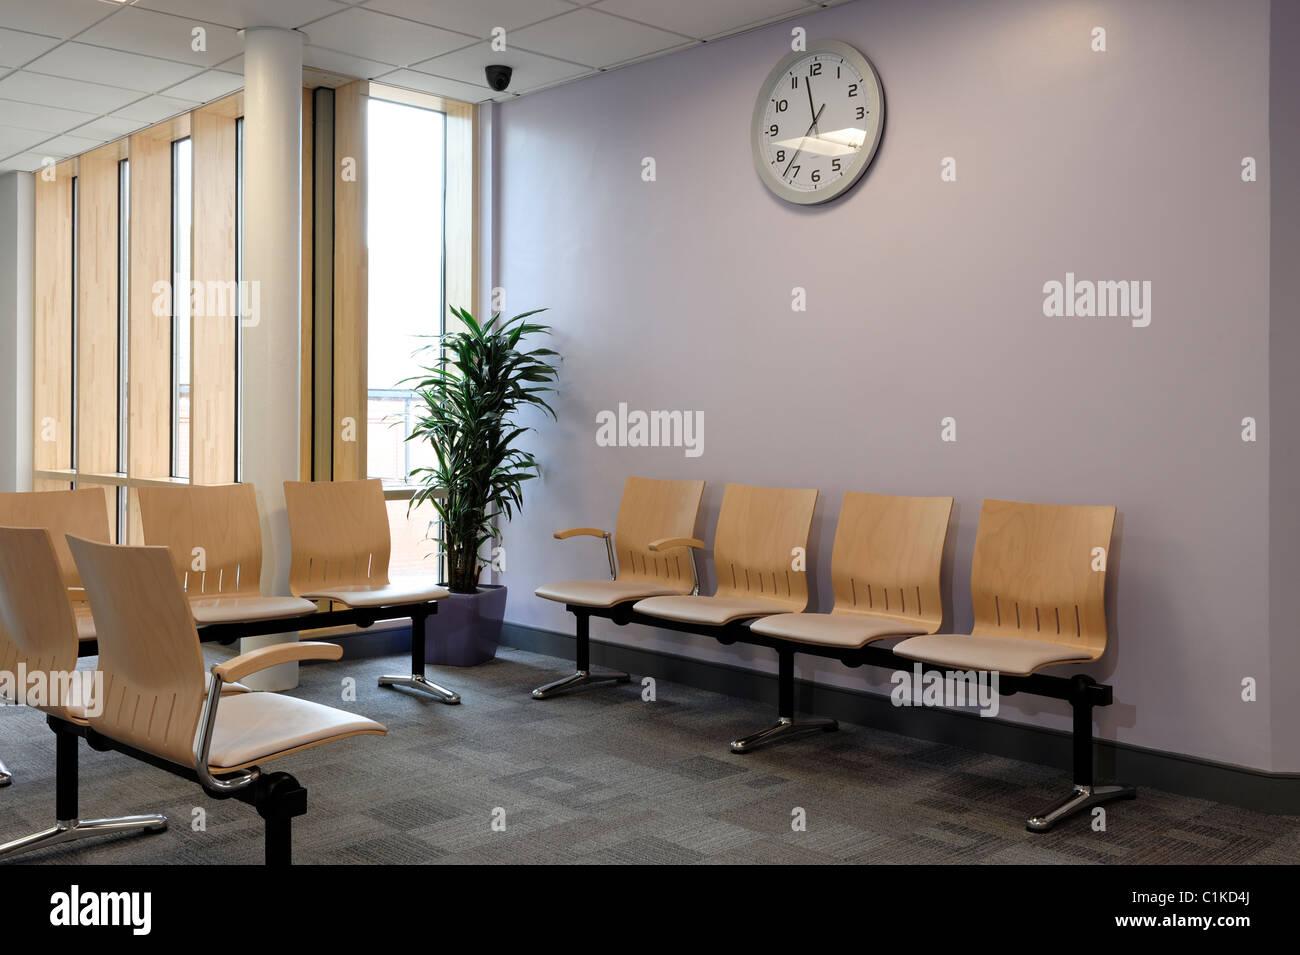 Sala d'attesa Immagini Stock